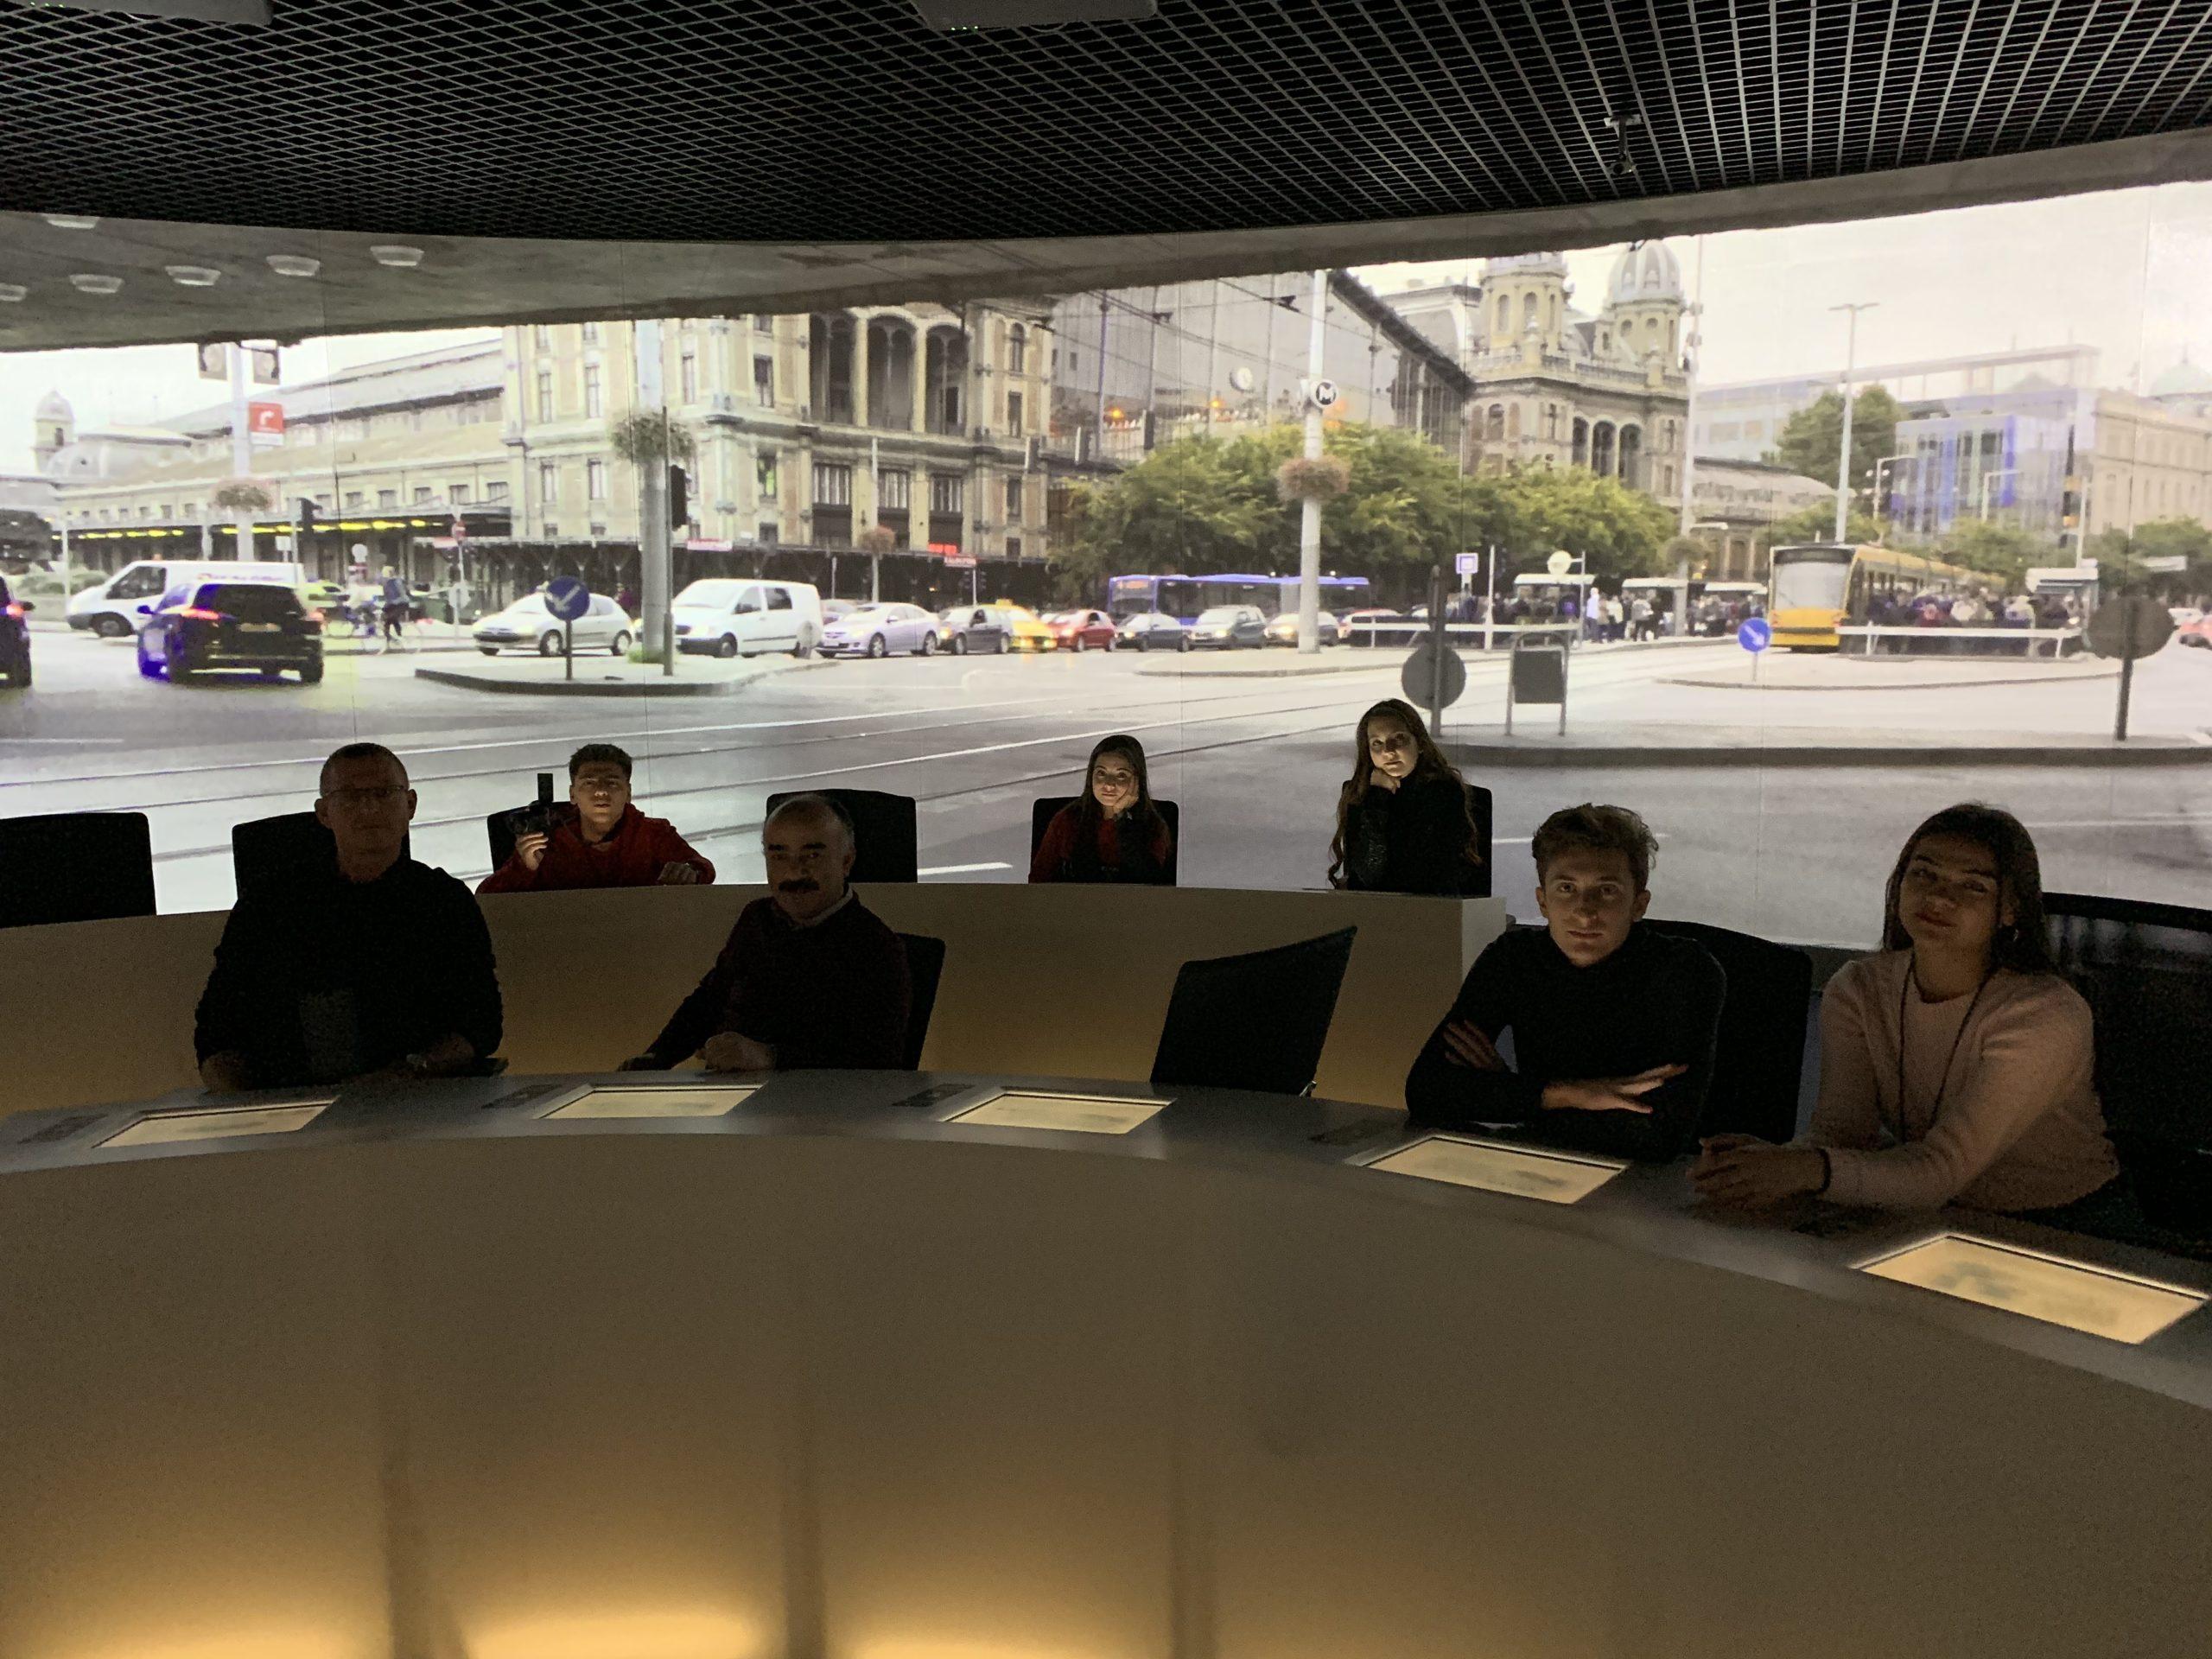 İş yerlerinde gözlem ve teknik ziyaretler